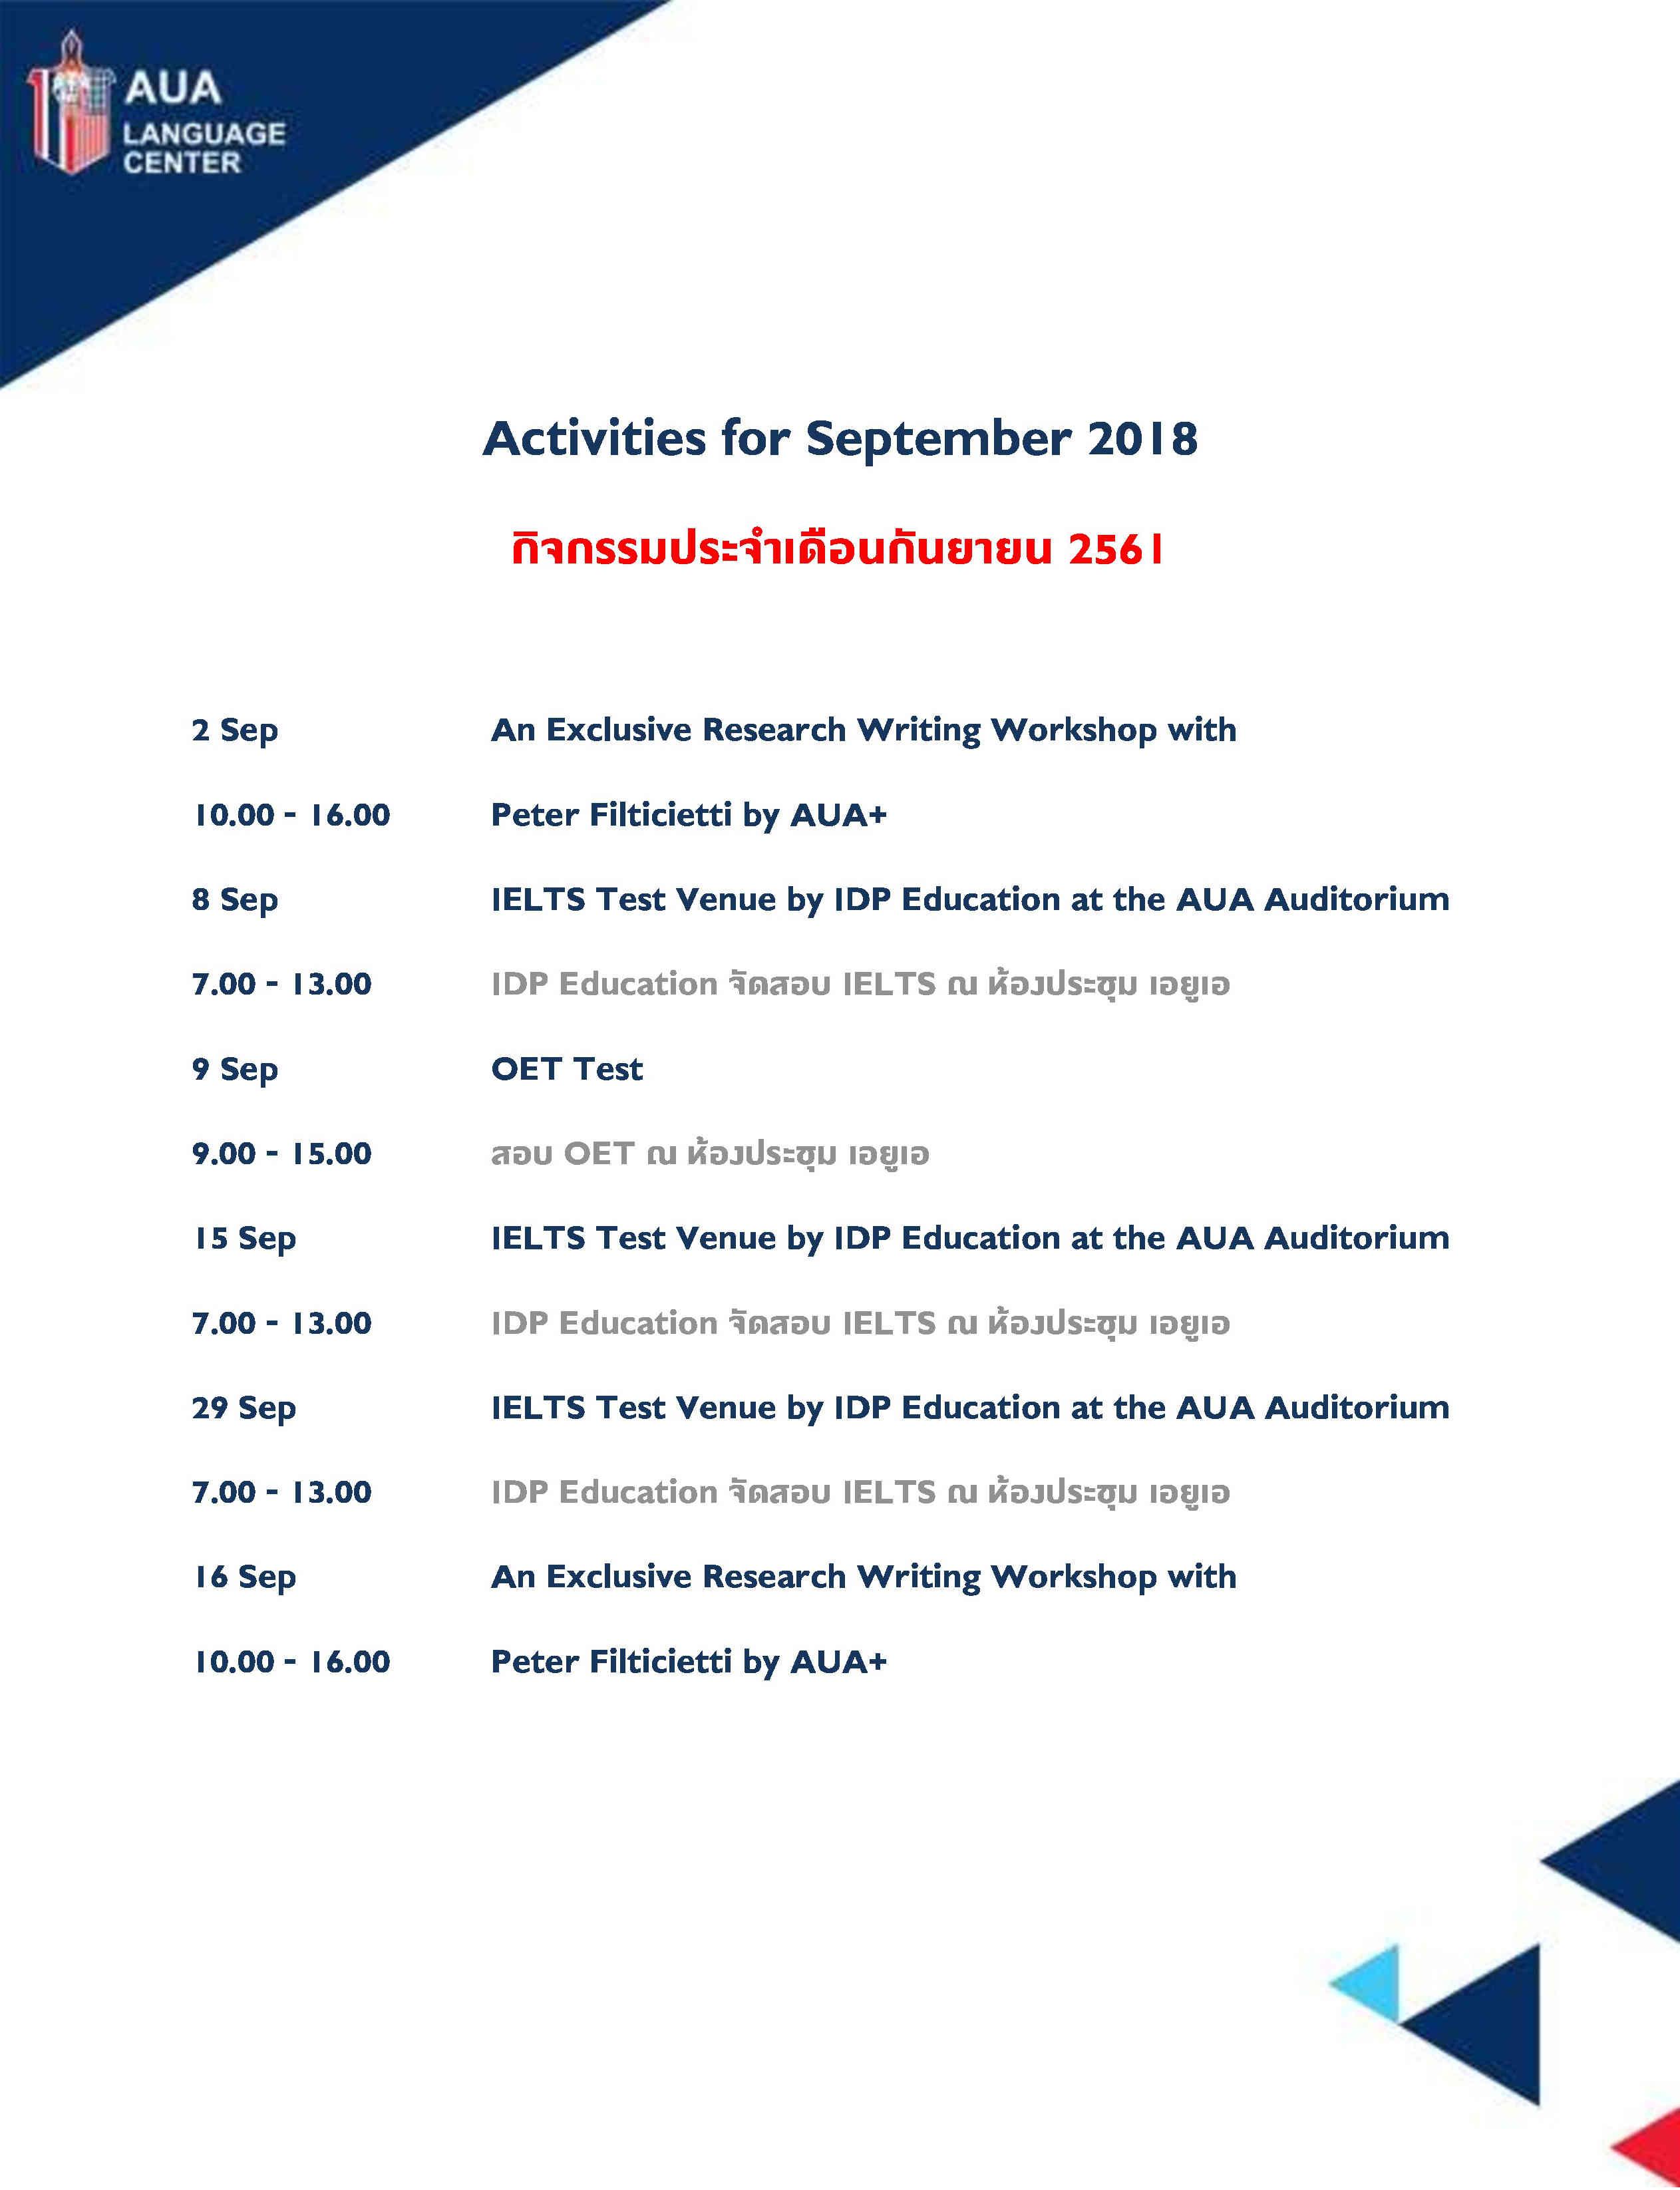 Chamchuri September 2018 Activities